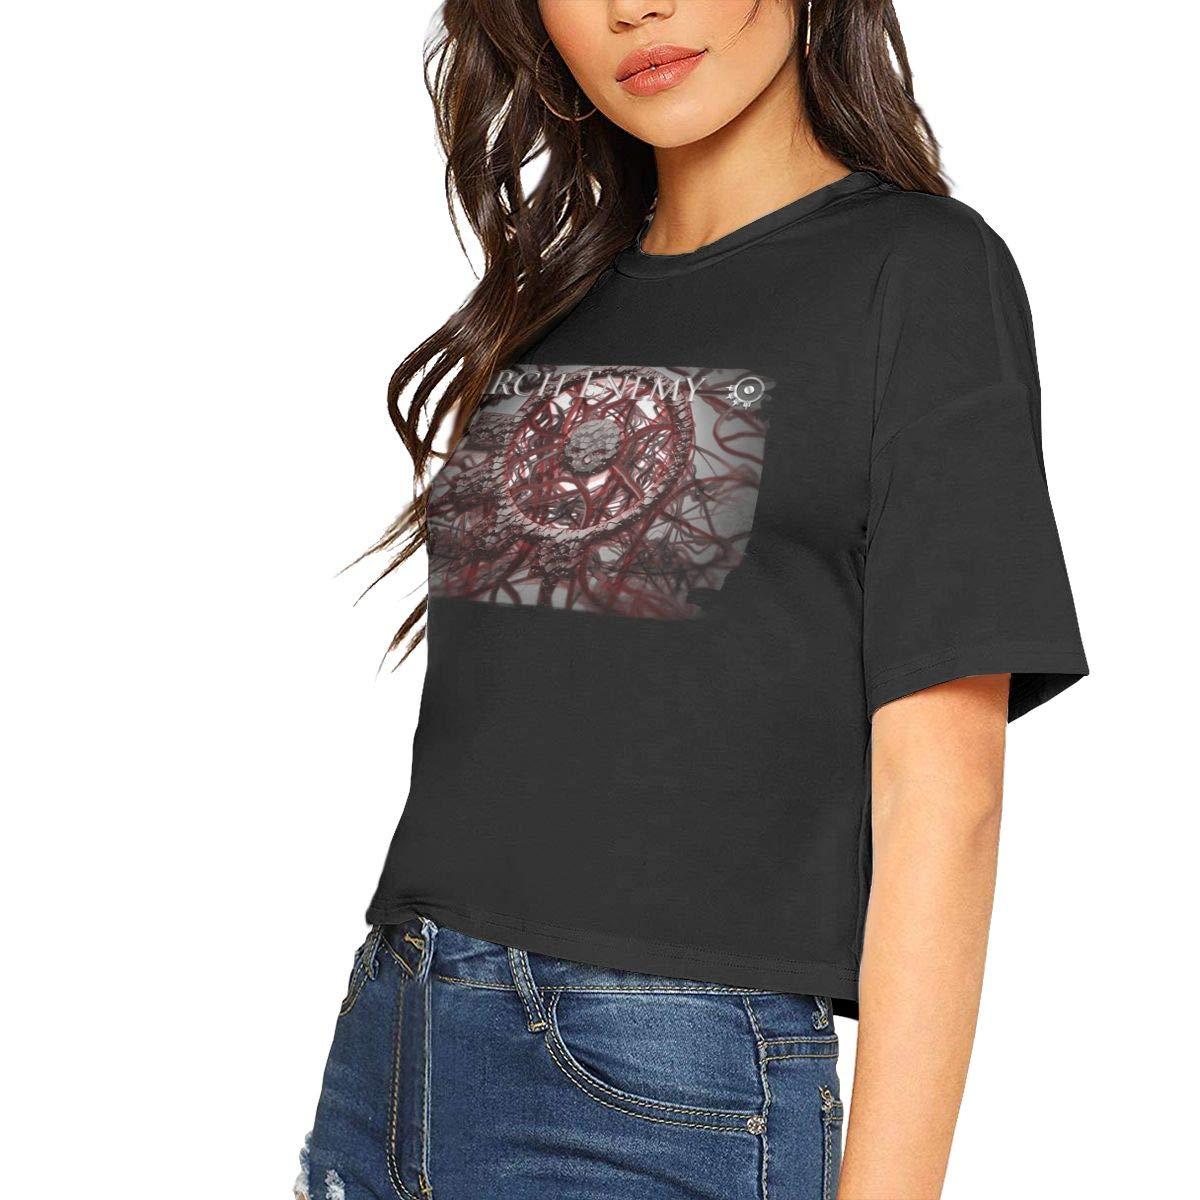 Arch Enemy Singer Rock Band Logo Basic Shirt Short Sleeve Shirt Leak Navel T Shirt 9147